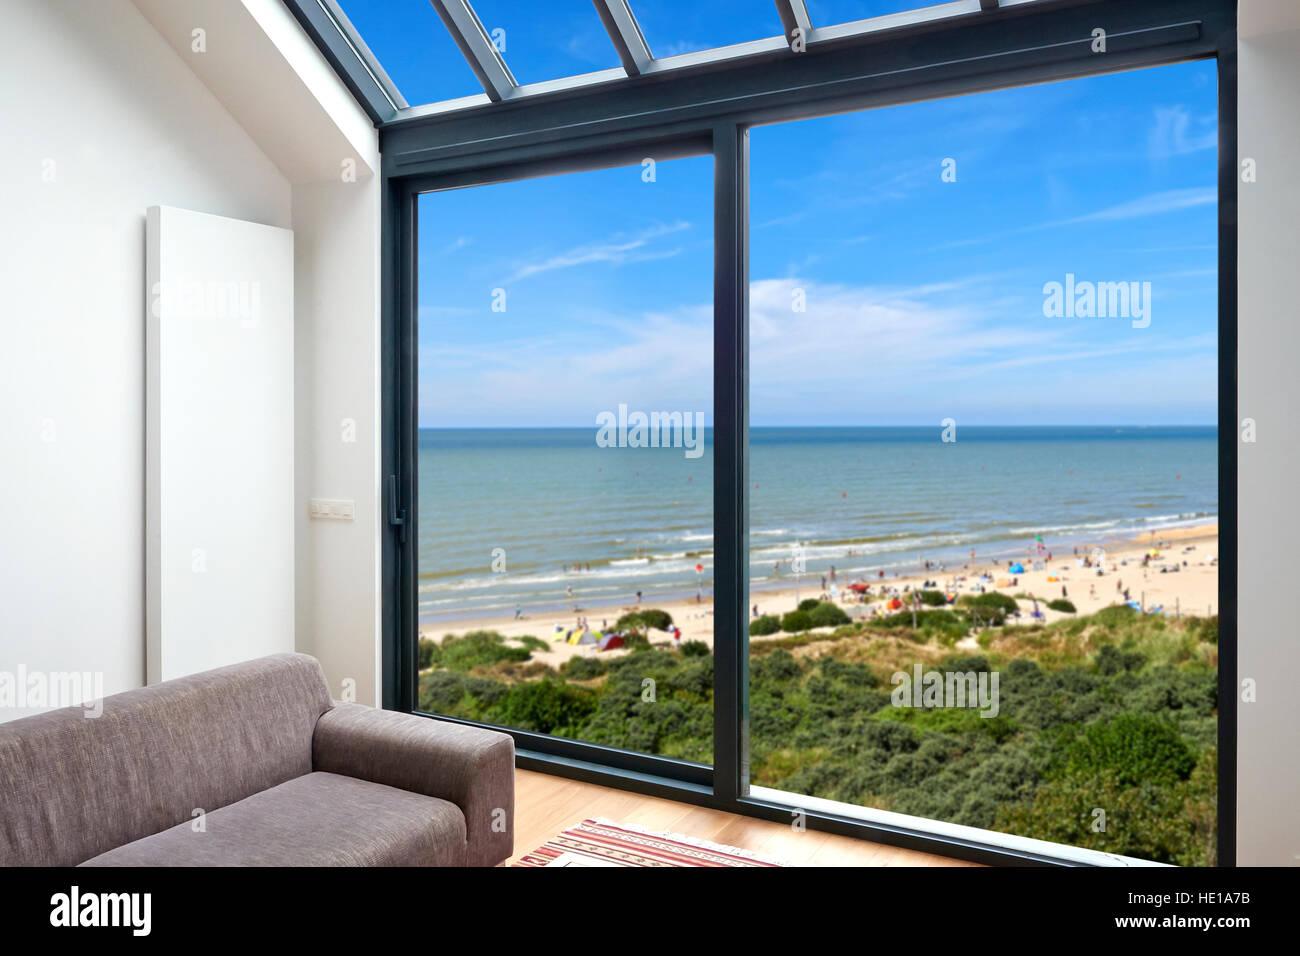 Soggiorno moderno con grandi finestre e vista sul mare Immagini Stock